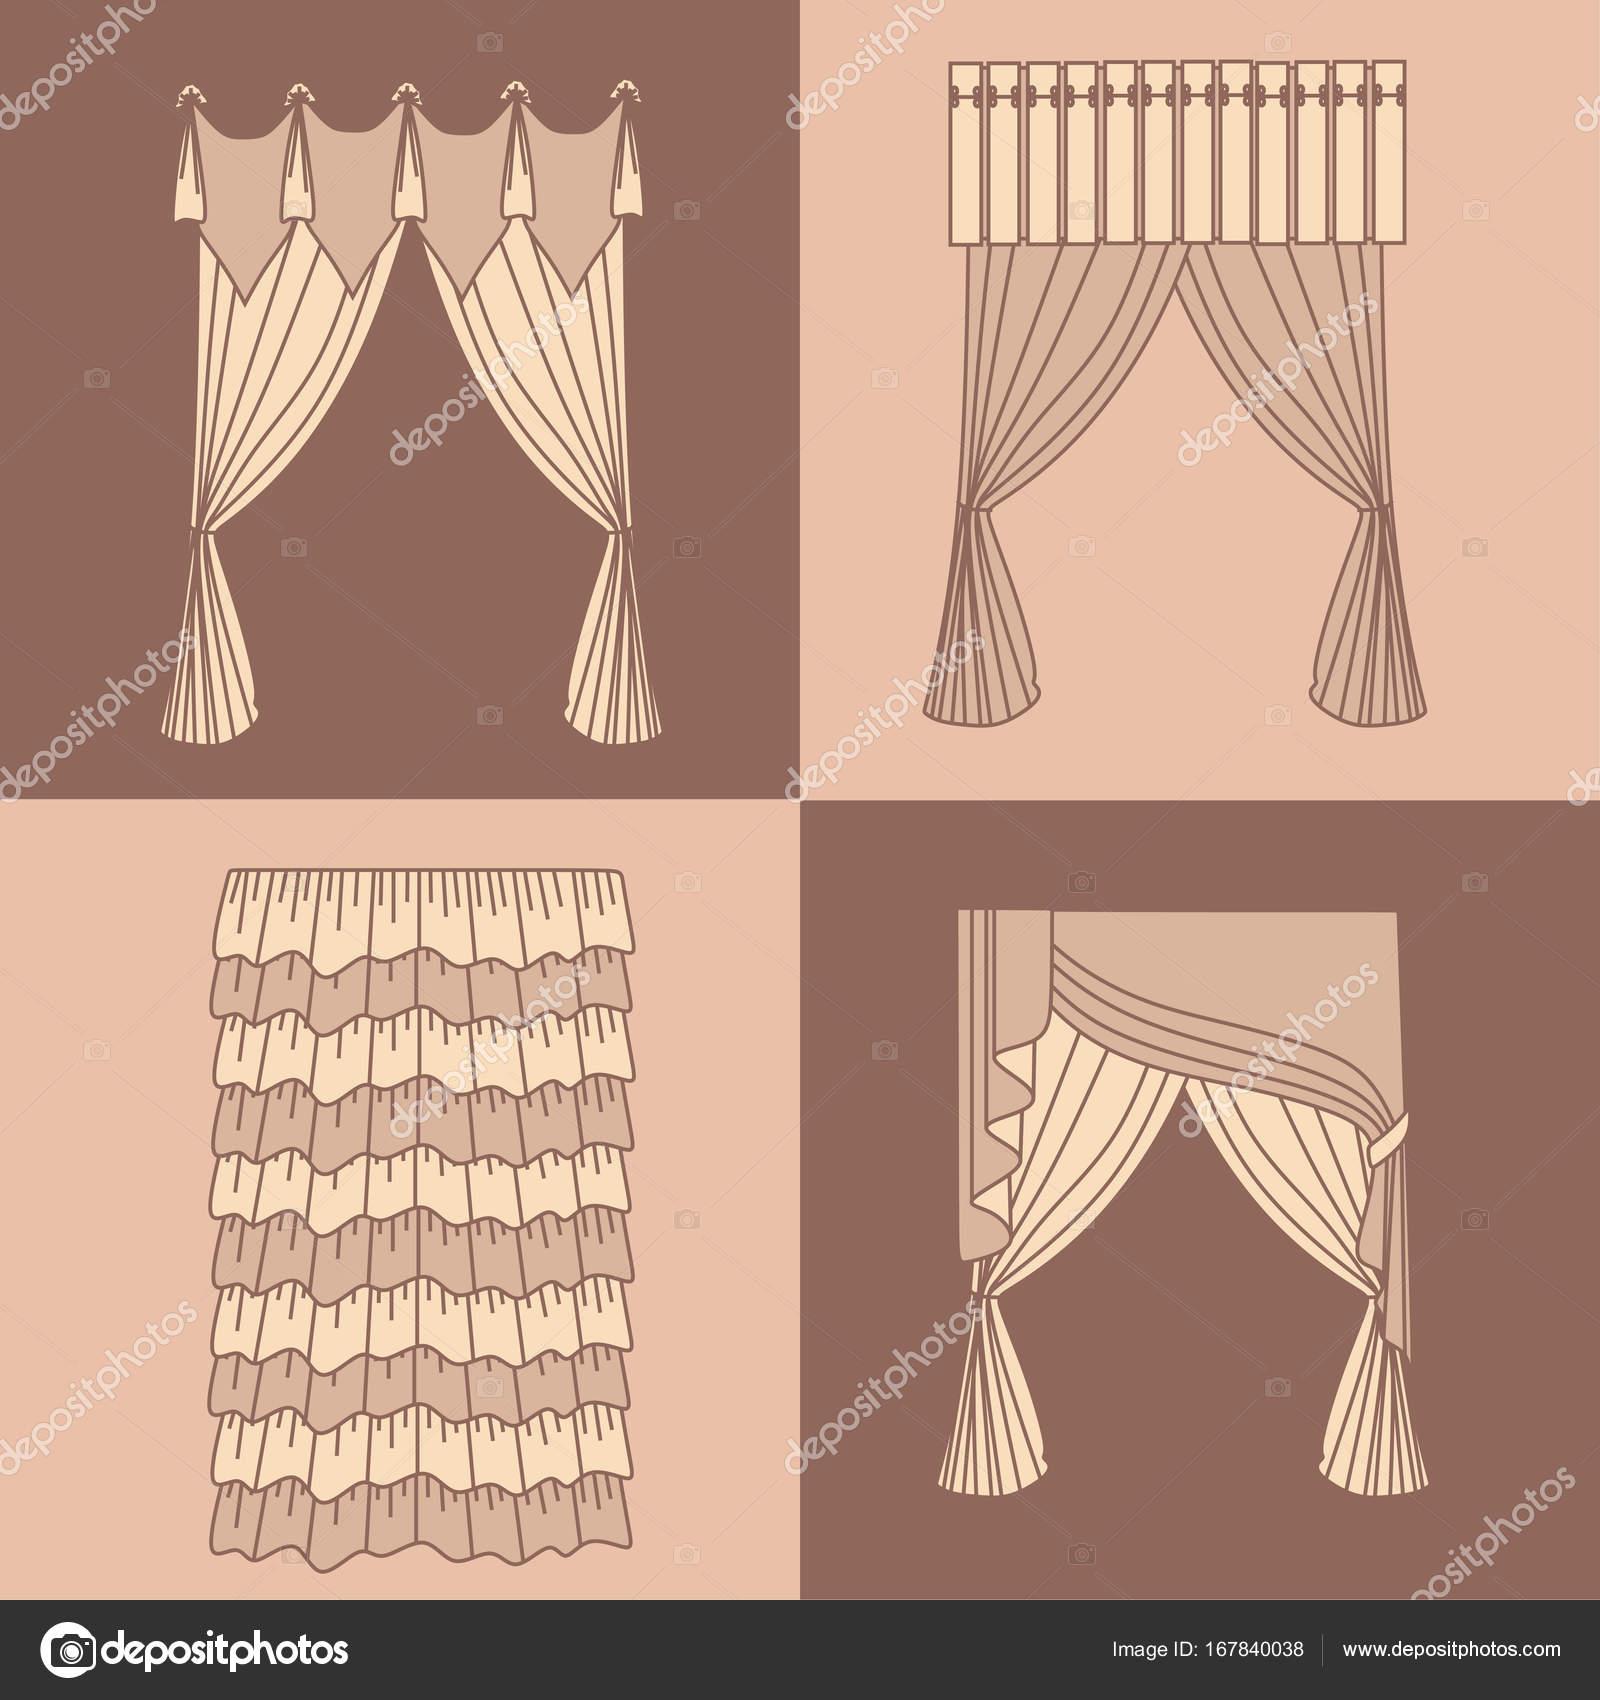 gordijnen en draperieën interieur ontwerp ideeën realisti ...